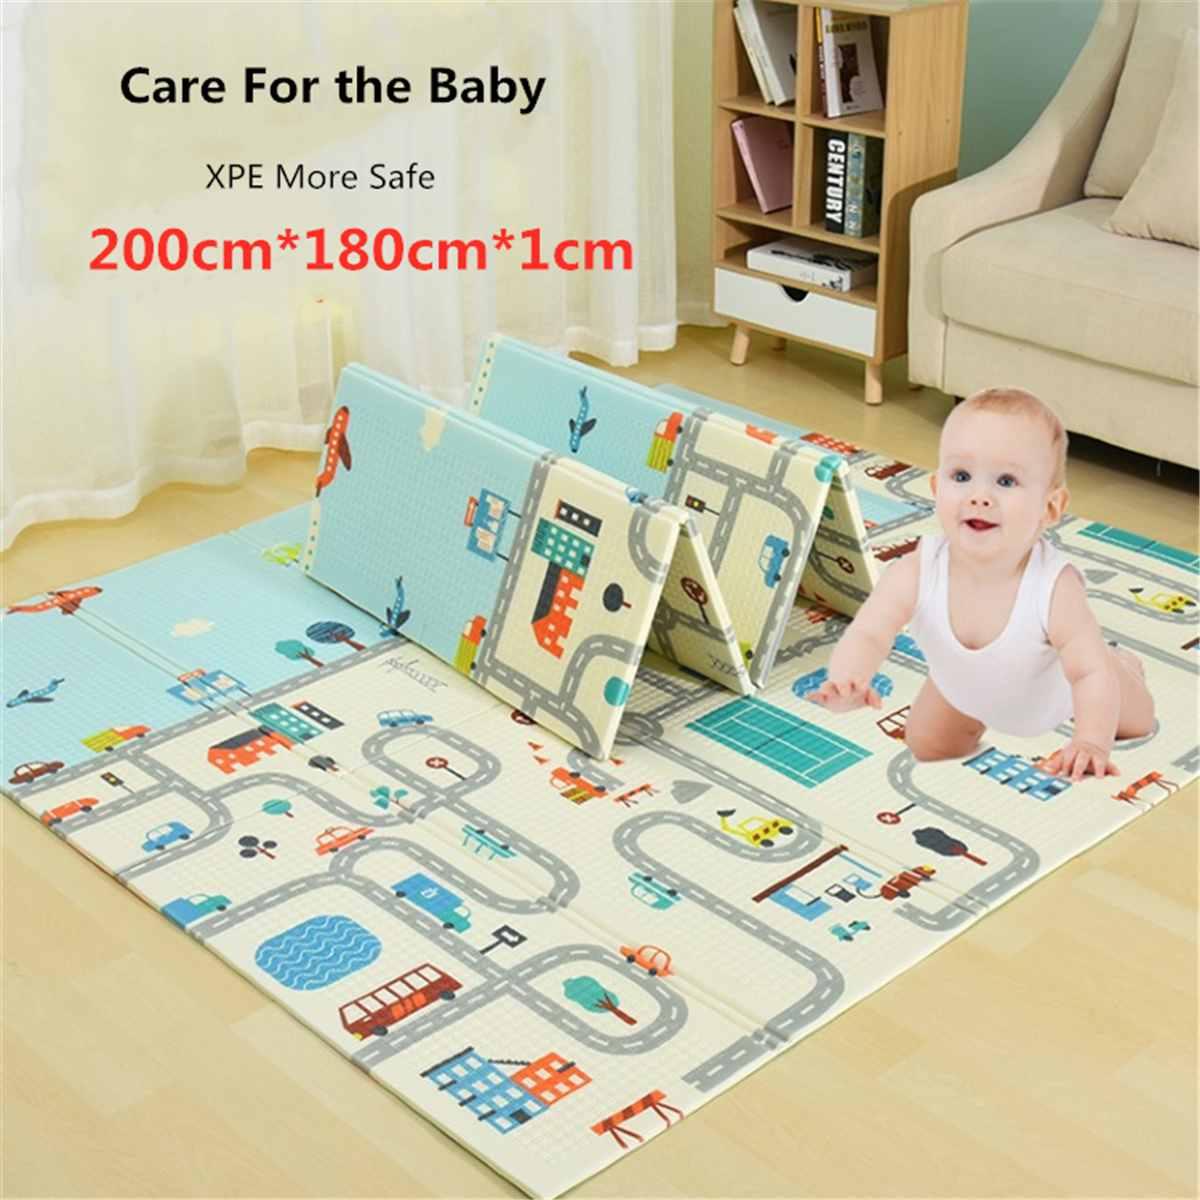 200x180x1cm tapis pour bébé XPE Puzzle enfants tapis épaissi Tapete Infantil bébé chambre ramper tapis enfant en bas âge pliant tapis